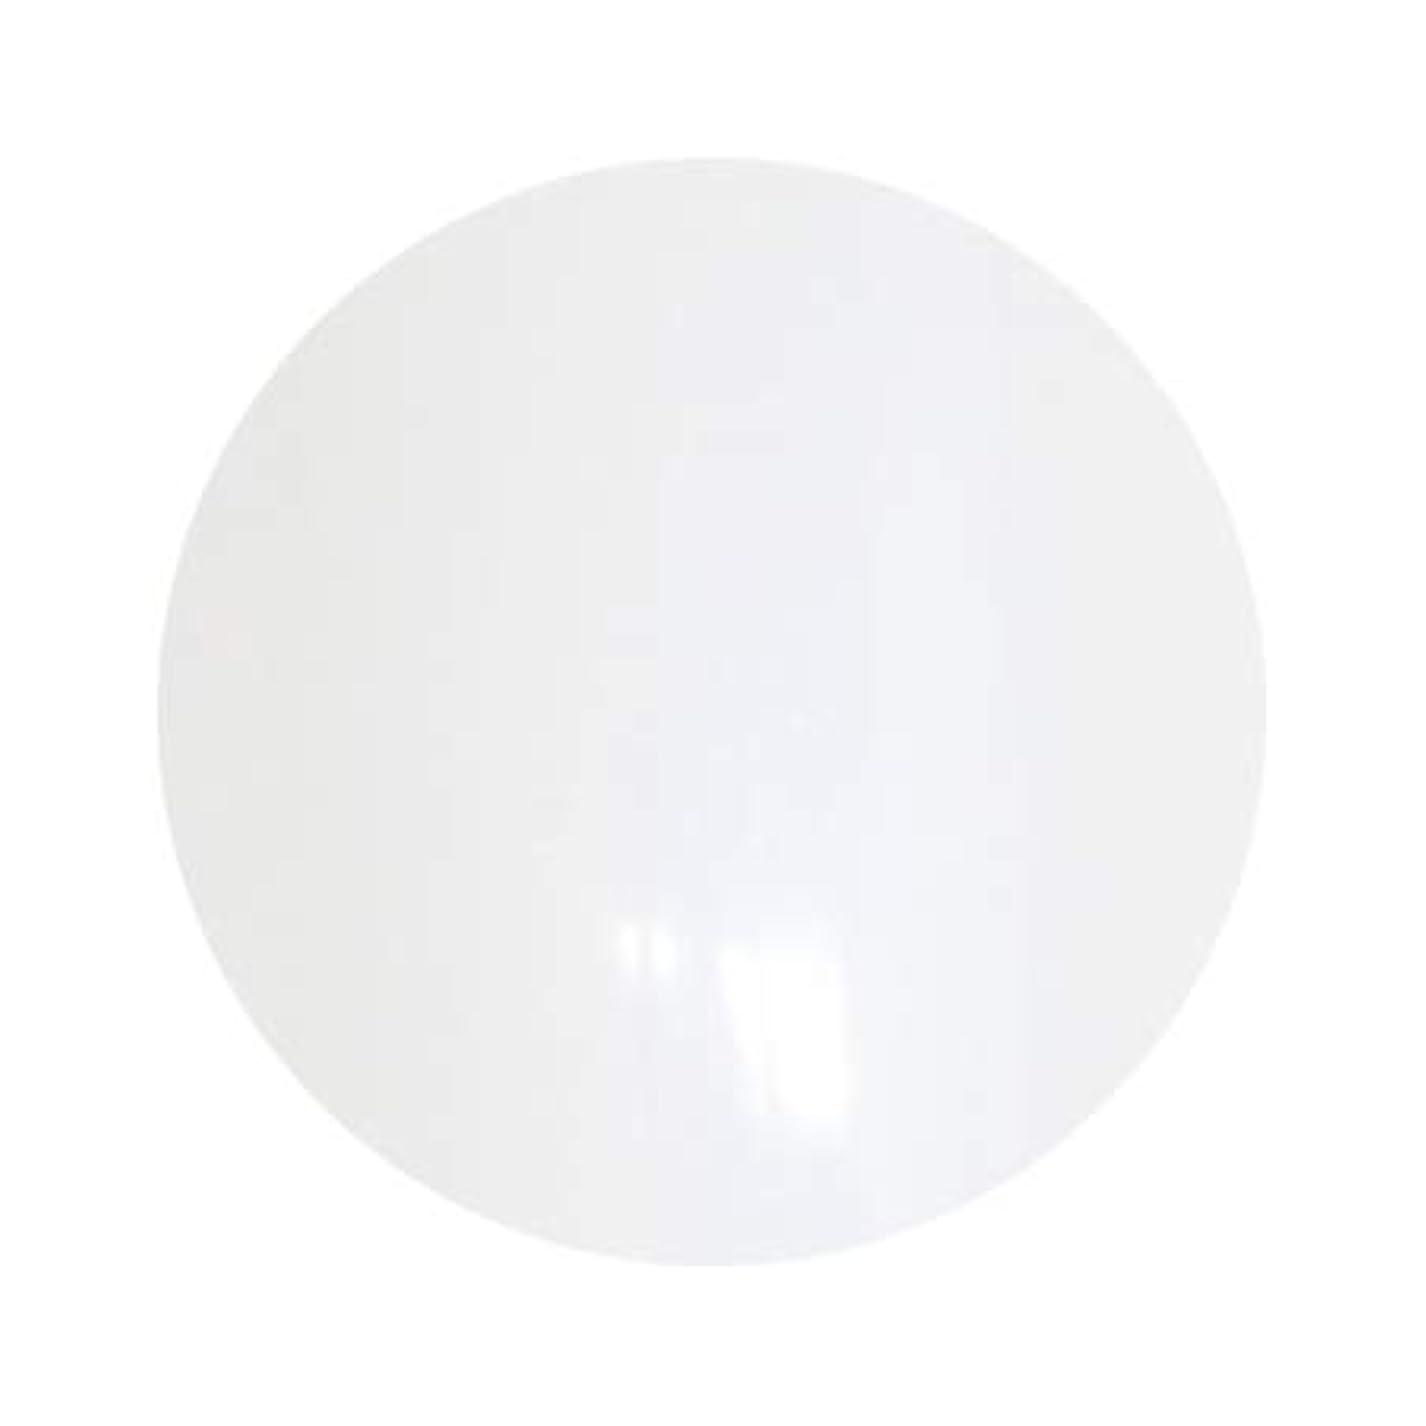 証人はぁキュービックLUCU GEL ルクジェル カラー WHP06 ムーンストーン 3.5g